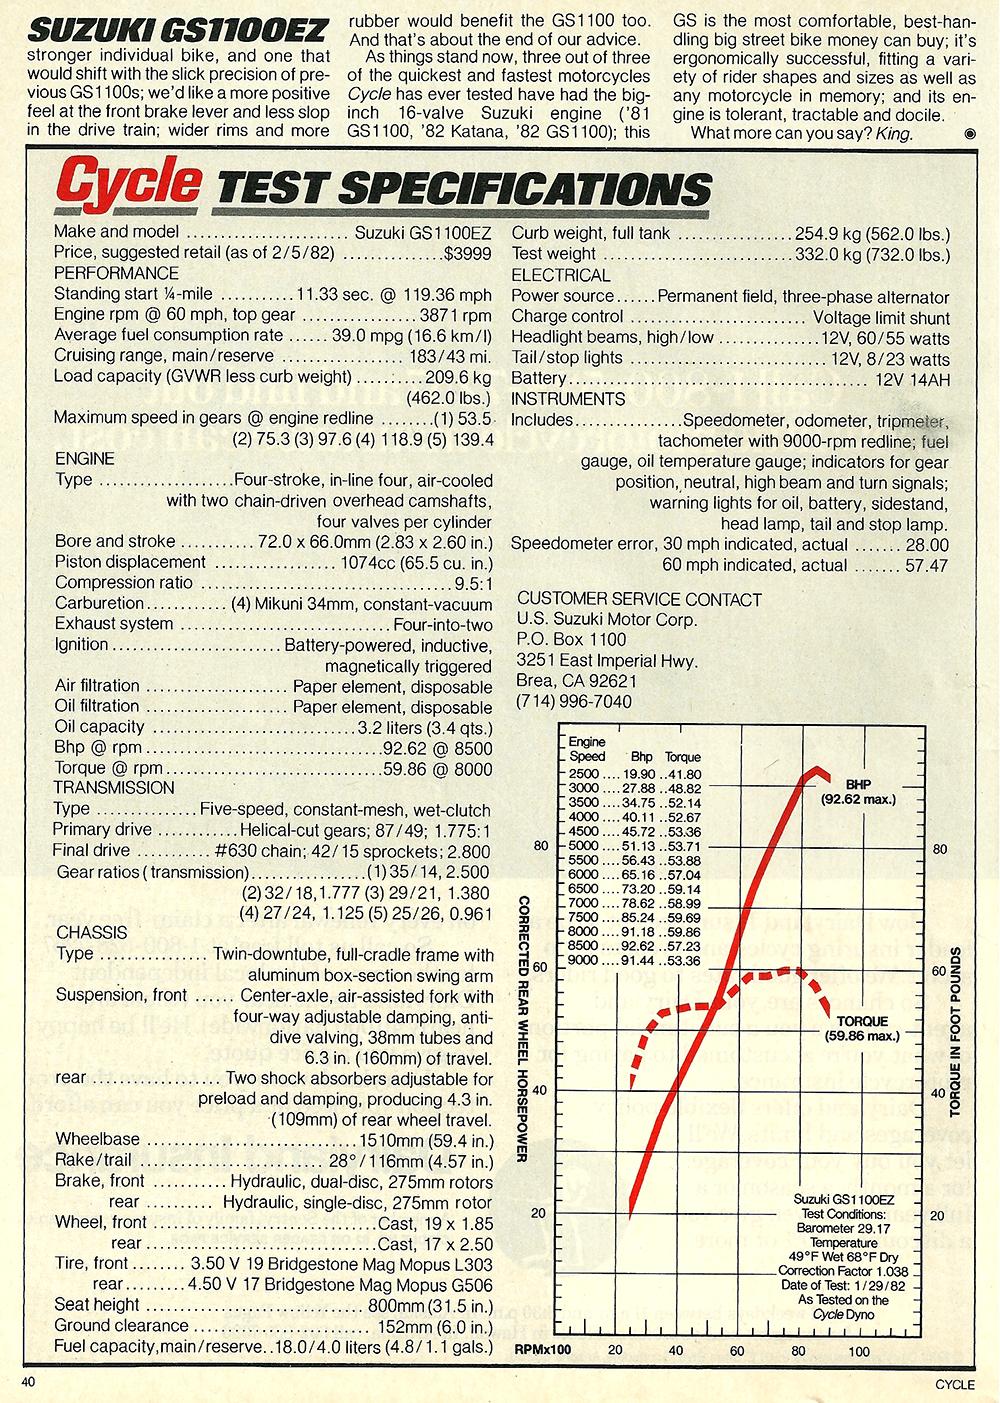 1982 Suzuki GS1100EZ road test 09.jpg